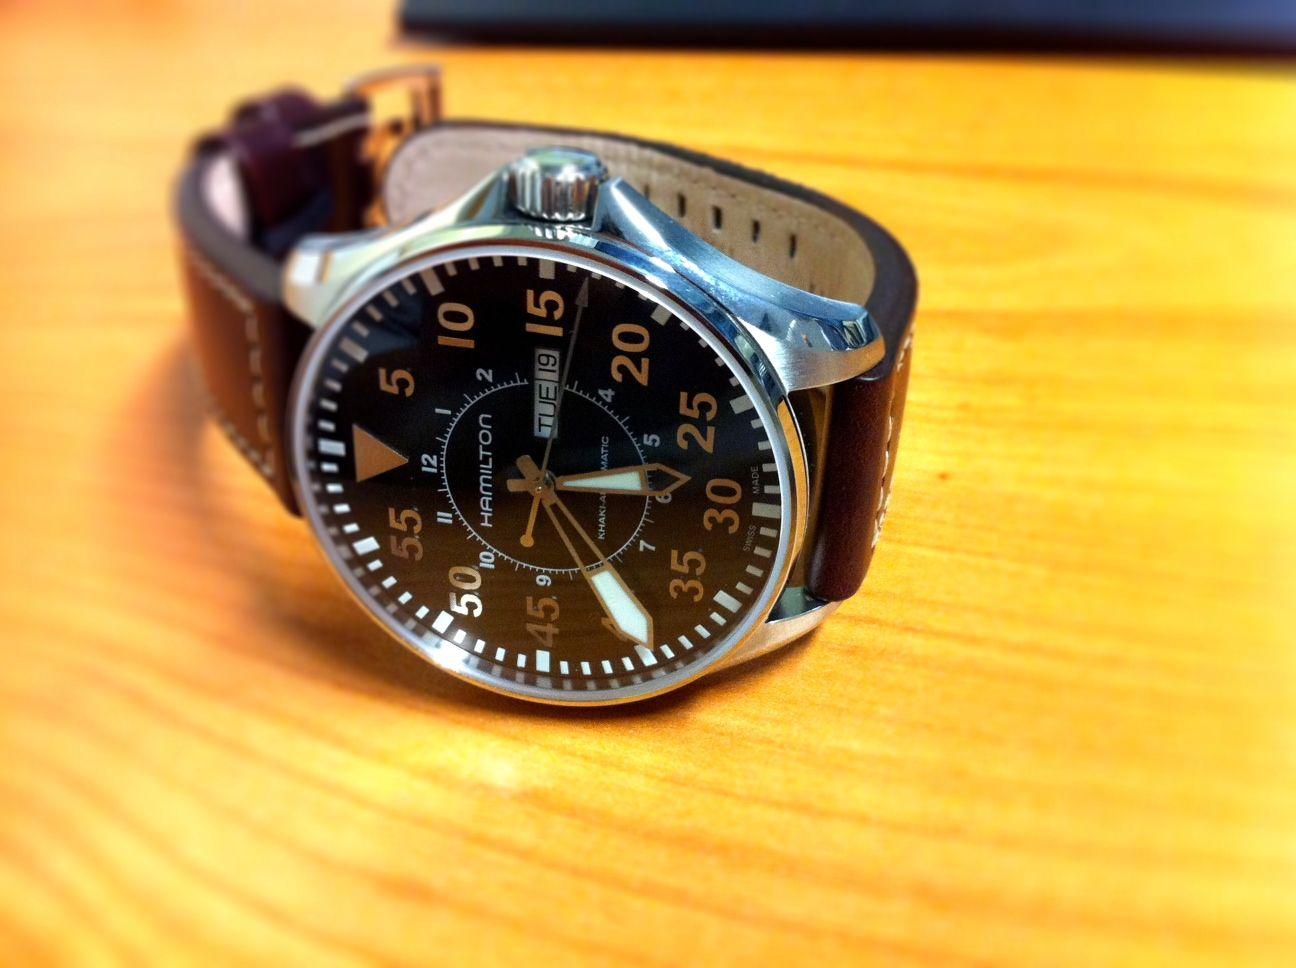 De Compraventa 701 Fcvr Pilot Foro Relojes Vendo H64715535 EDI29H